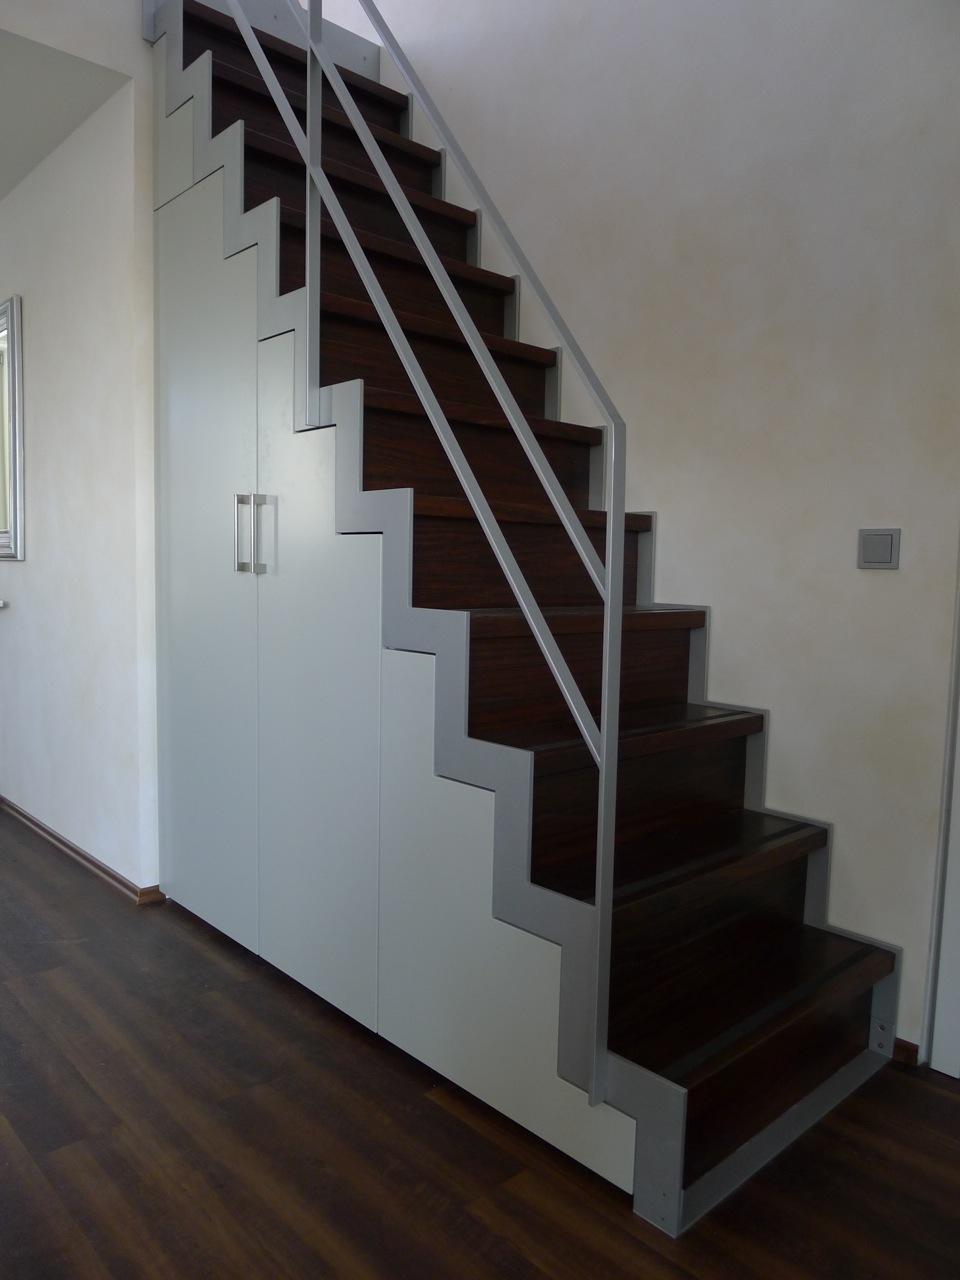 Schrank unter Treppe, Fronten lackiert